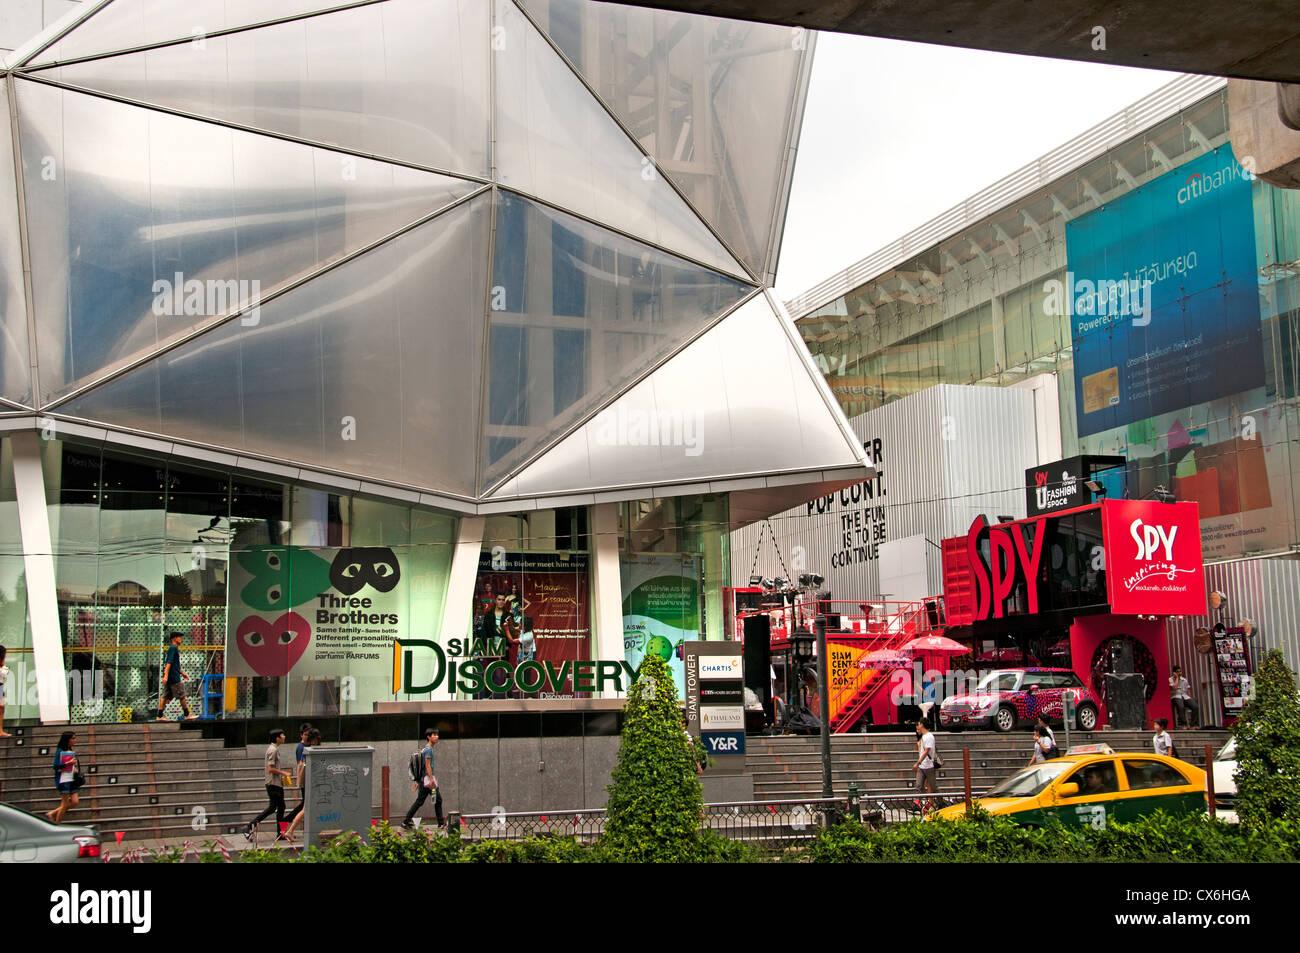 Siam Discovery Thailandia Bangkok tailandese quartiere dello shopping mall Pathumwan Siam Square District Center Immagini Stock